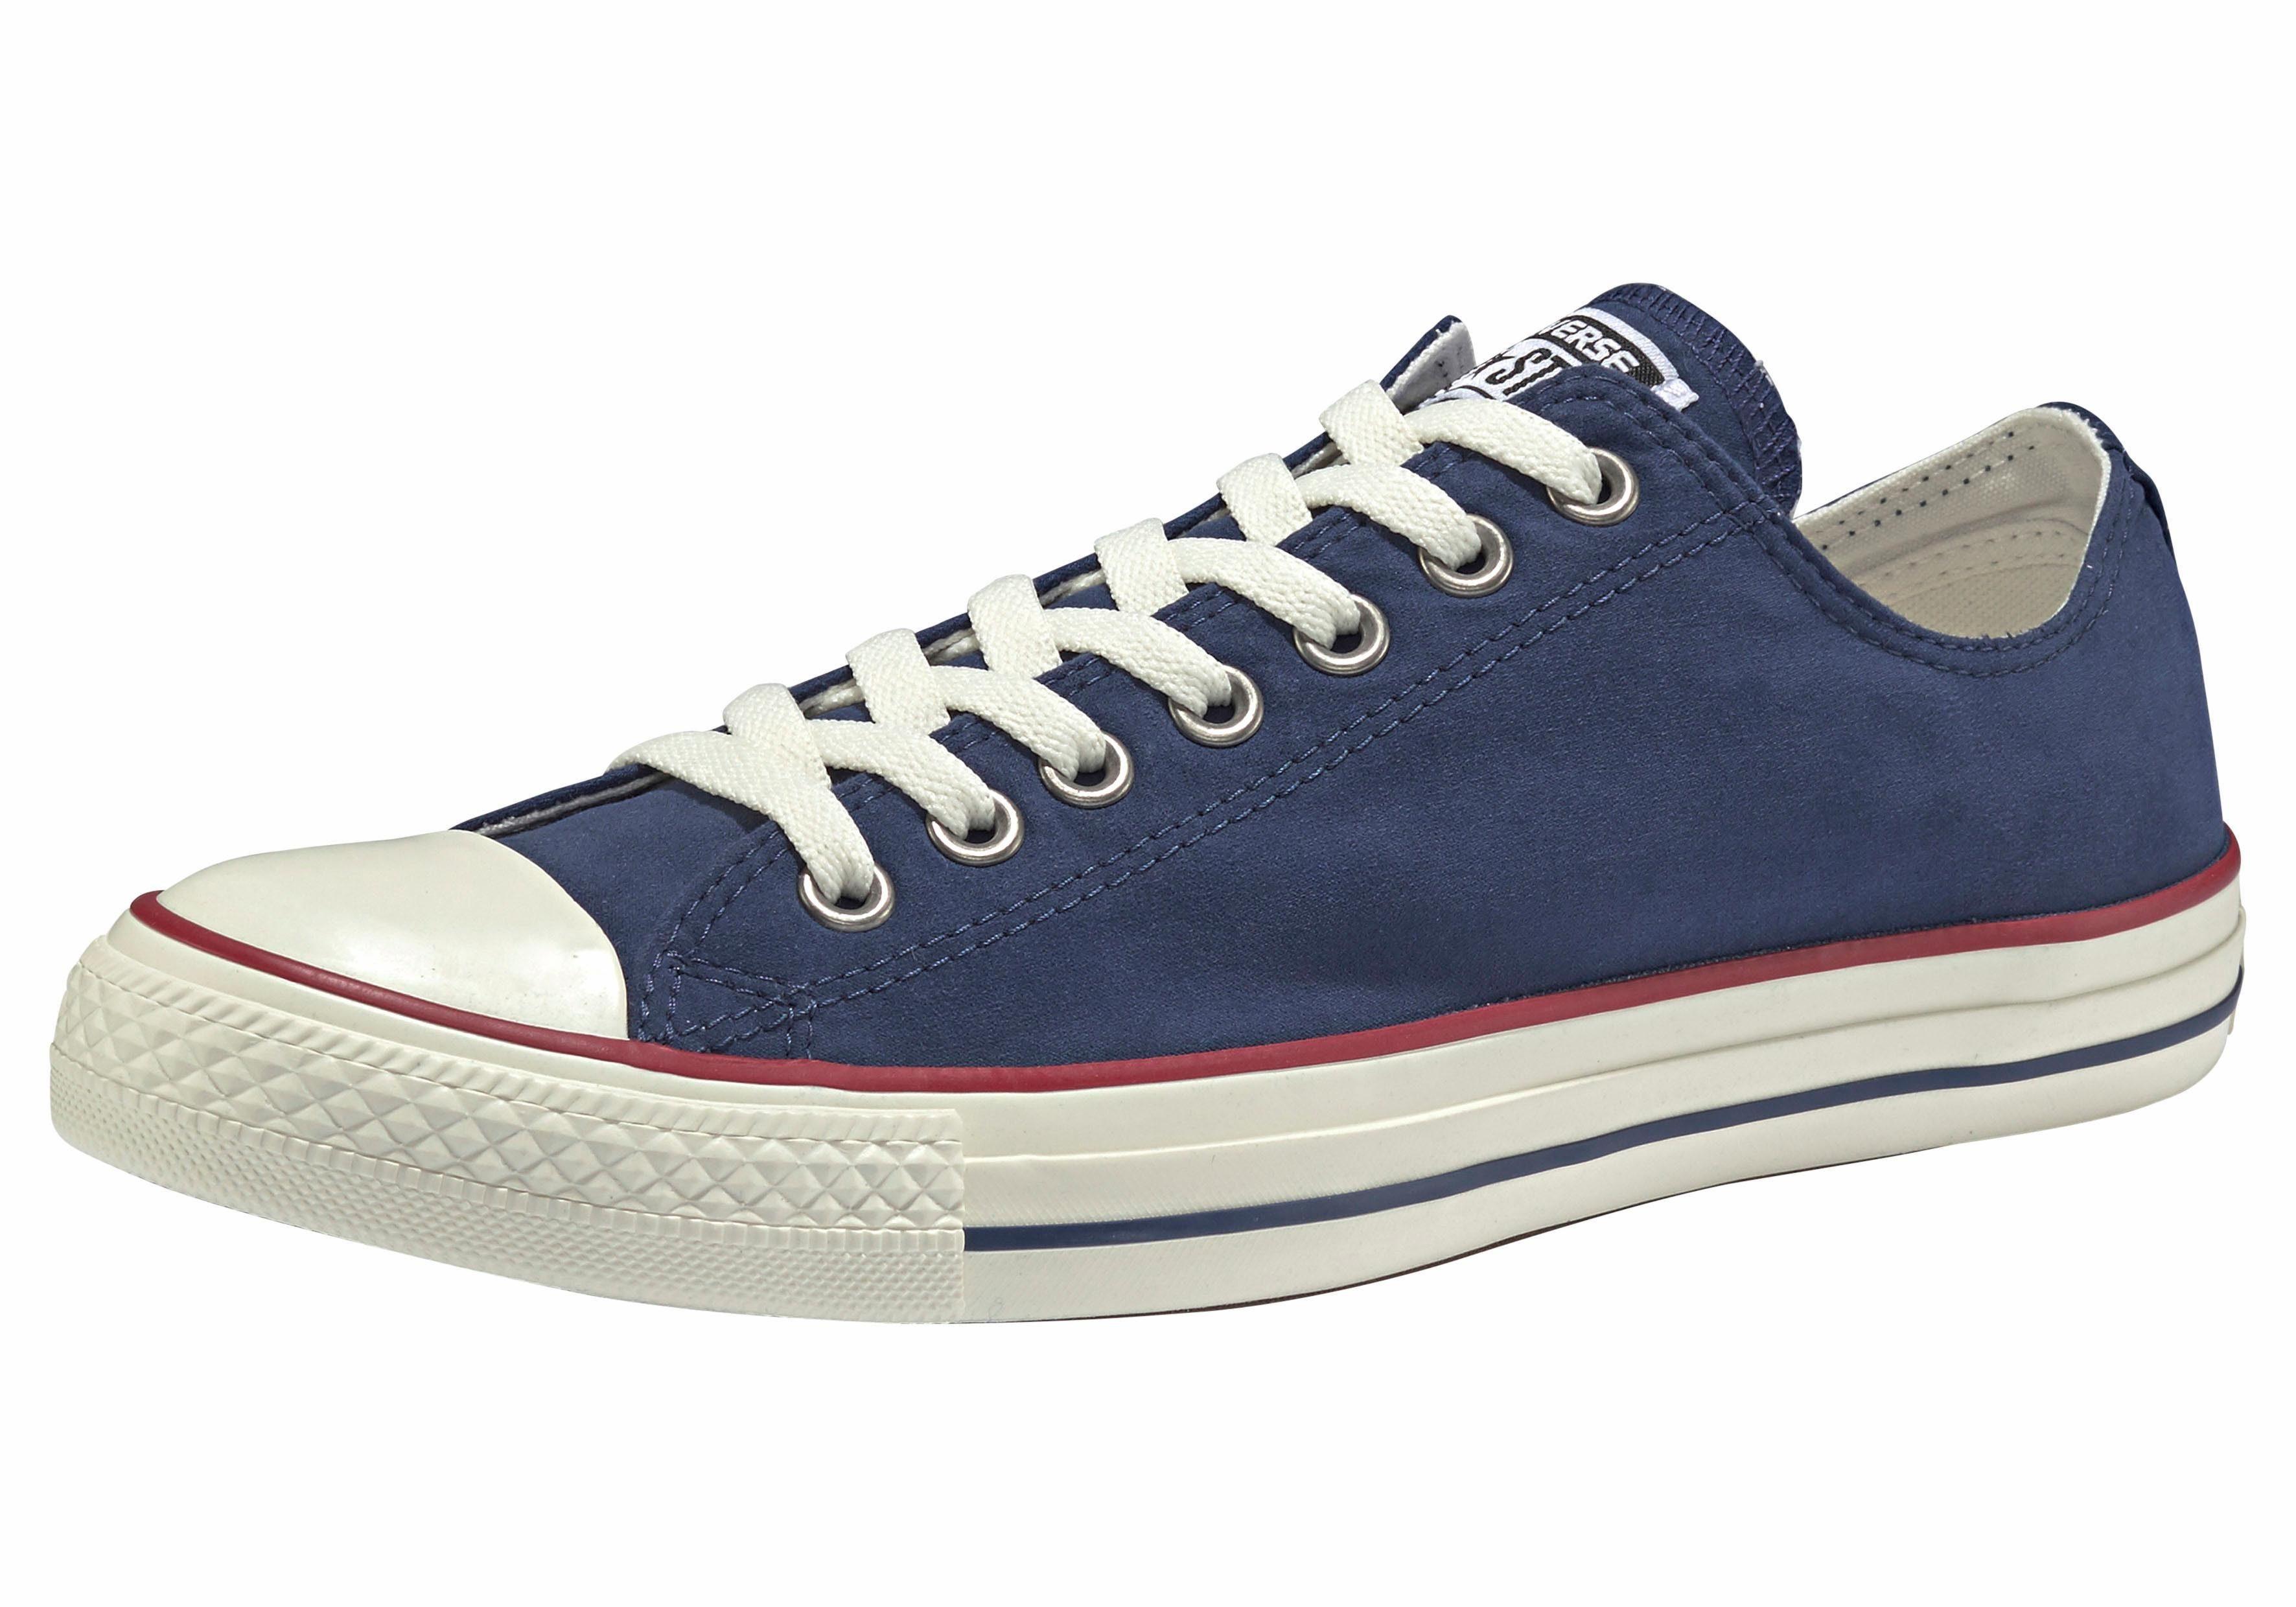 Mandrin Inverse Taylor Toutes Les Chaussures De Sport De Bœuf Étoiles - Blauw 928iMGYYh